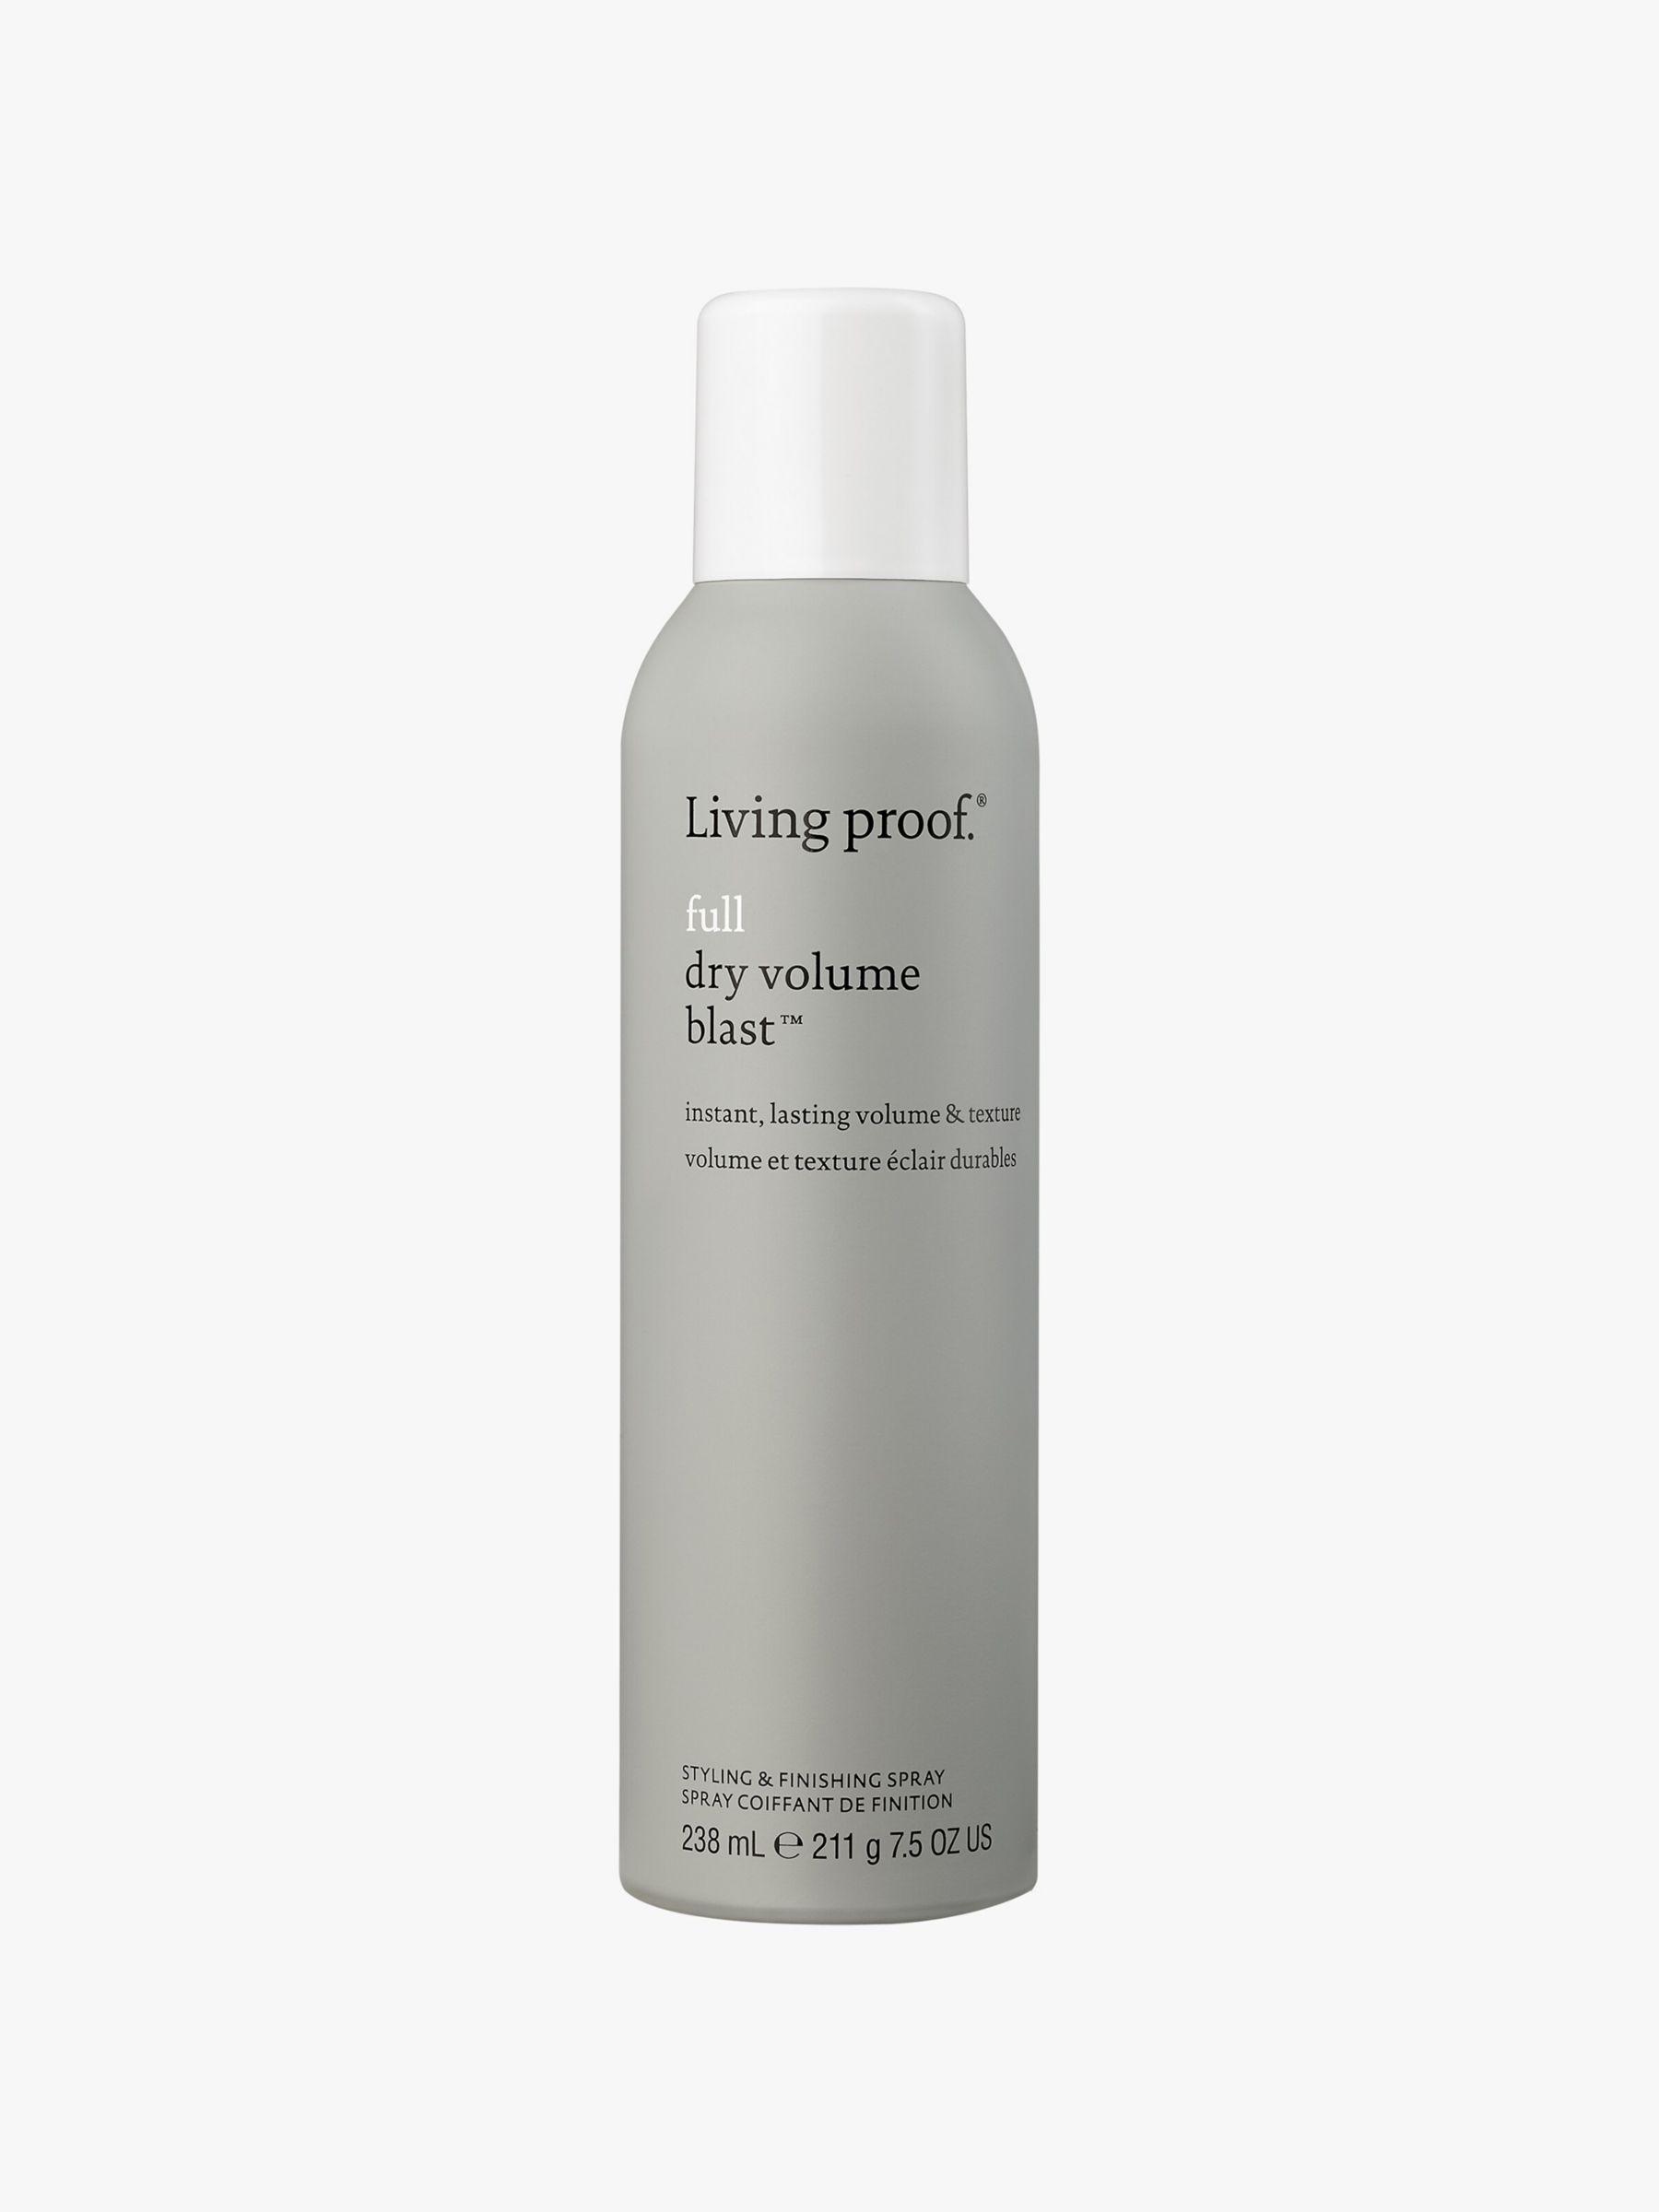 Living Proof Living Proof Full Dry Volume Blast Spray, 238ml